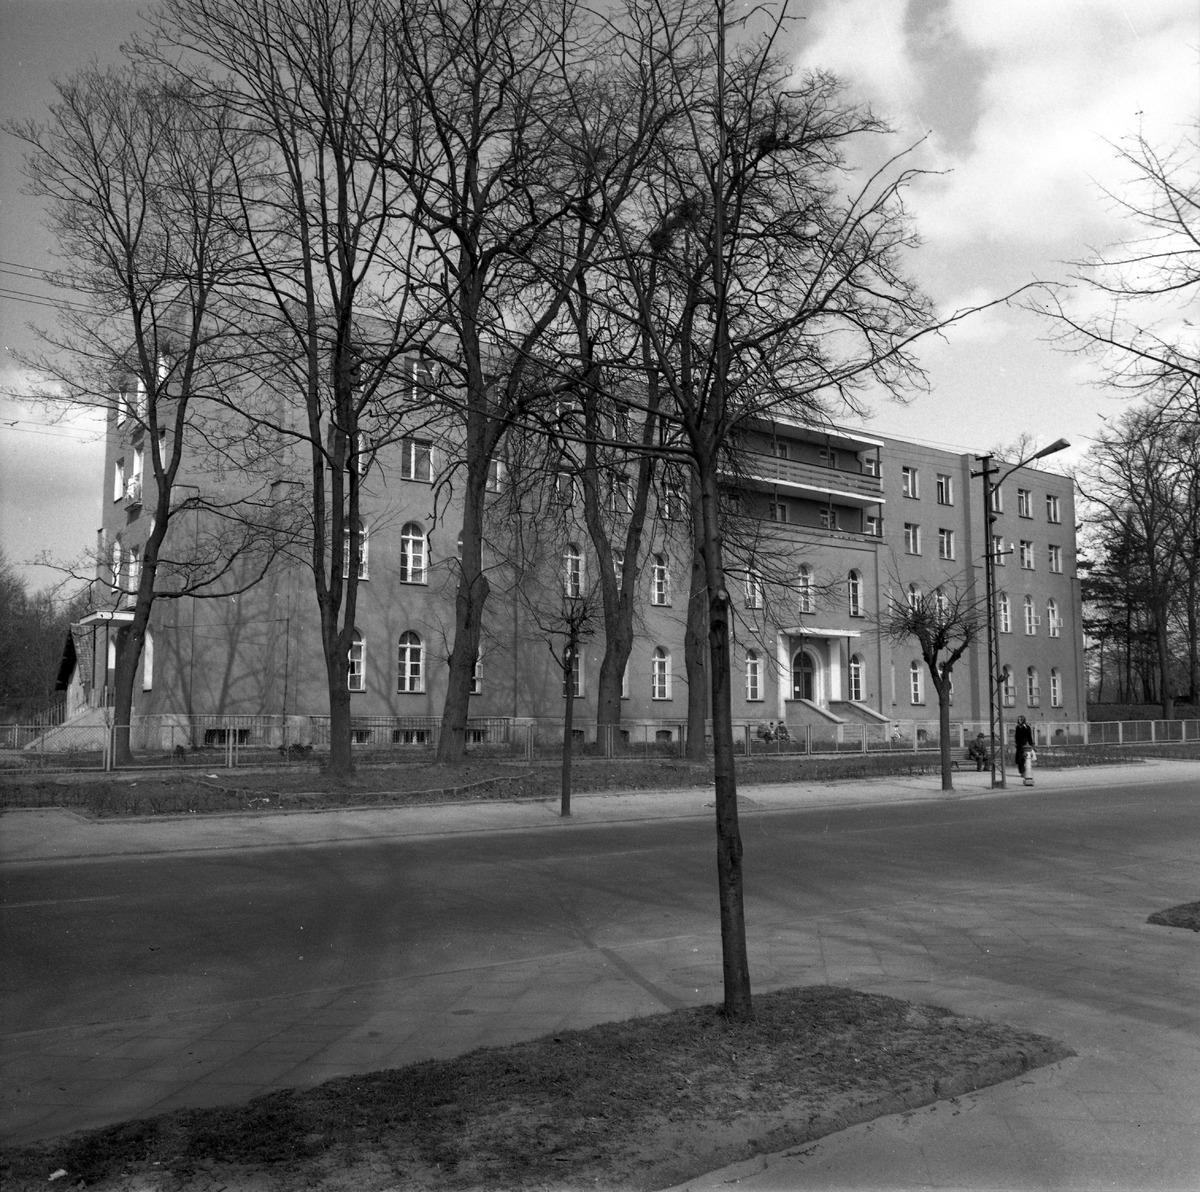 Dom Pomocy Społecznej w Giżycku, 1977 r.